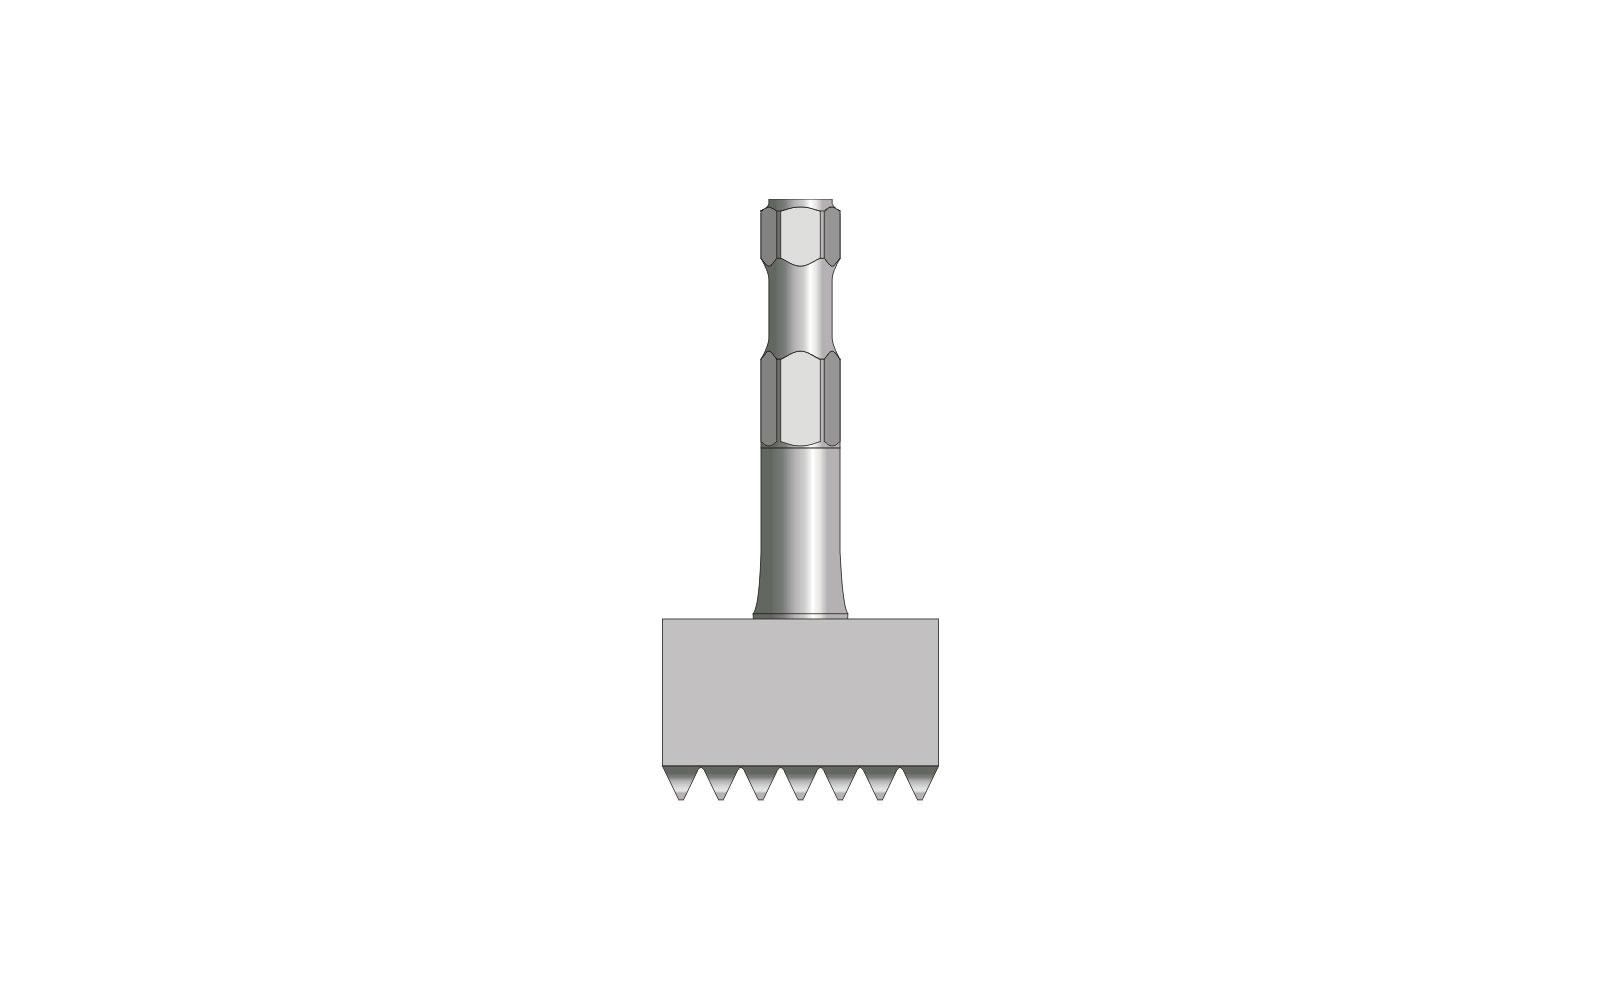 VOGT Stockerplatte mit 7x7 Zähnen 60/60 mm, l = 150 mm